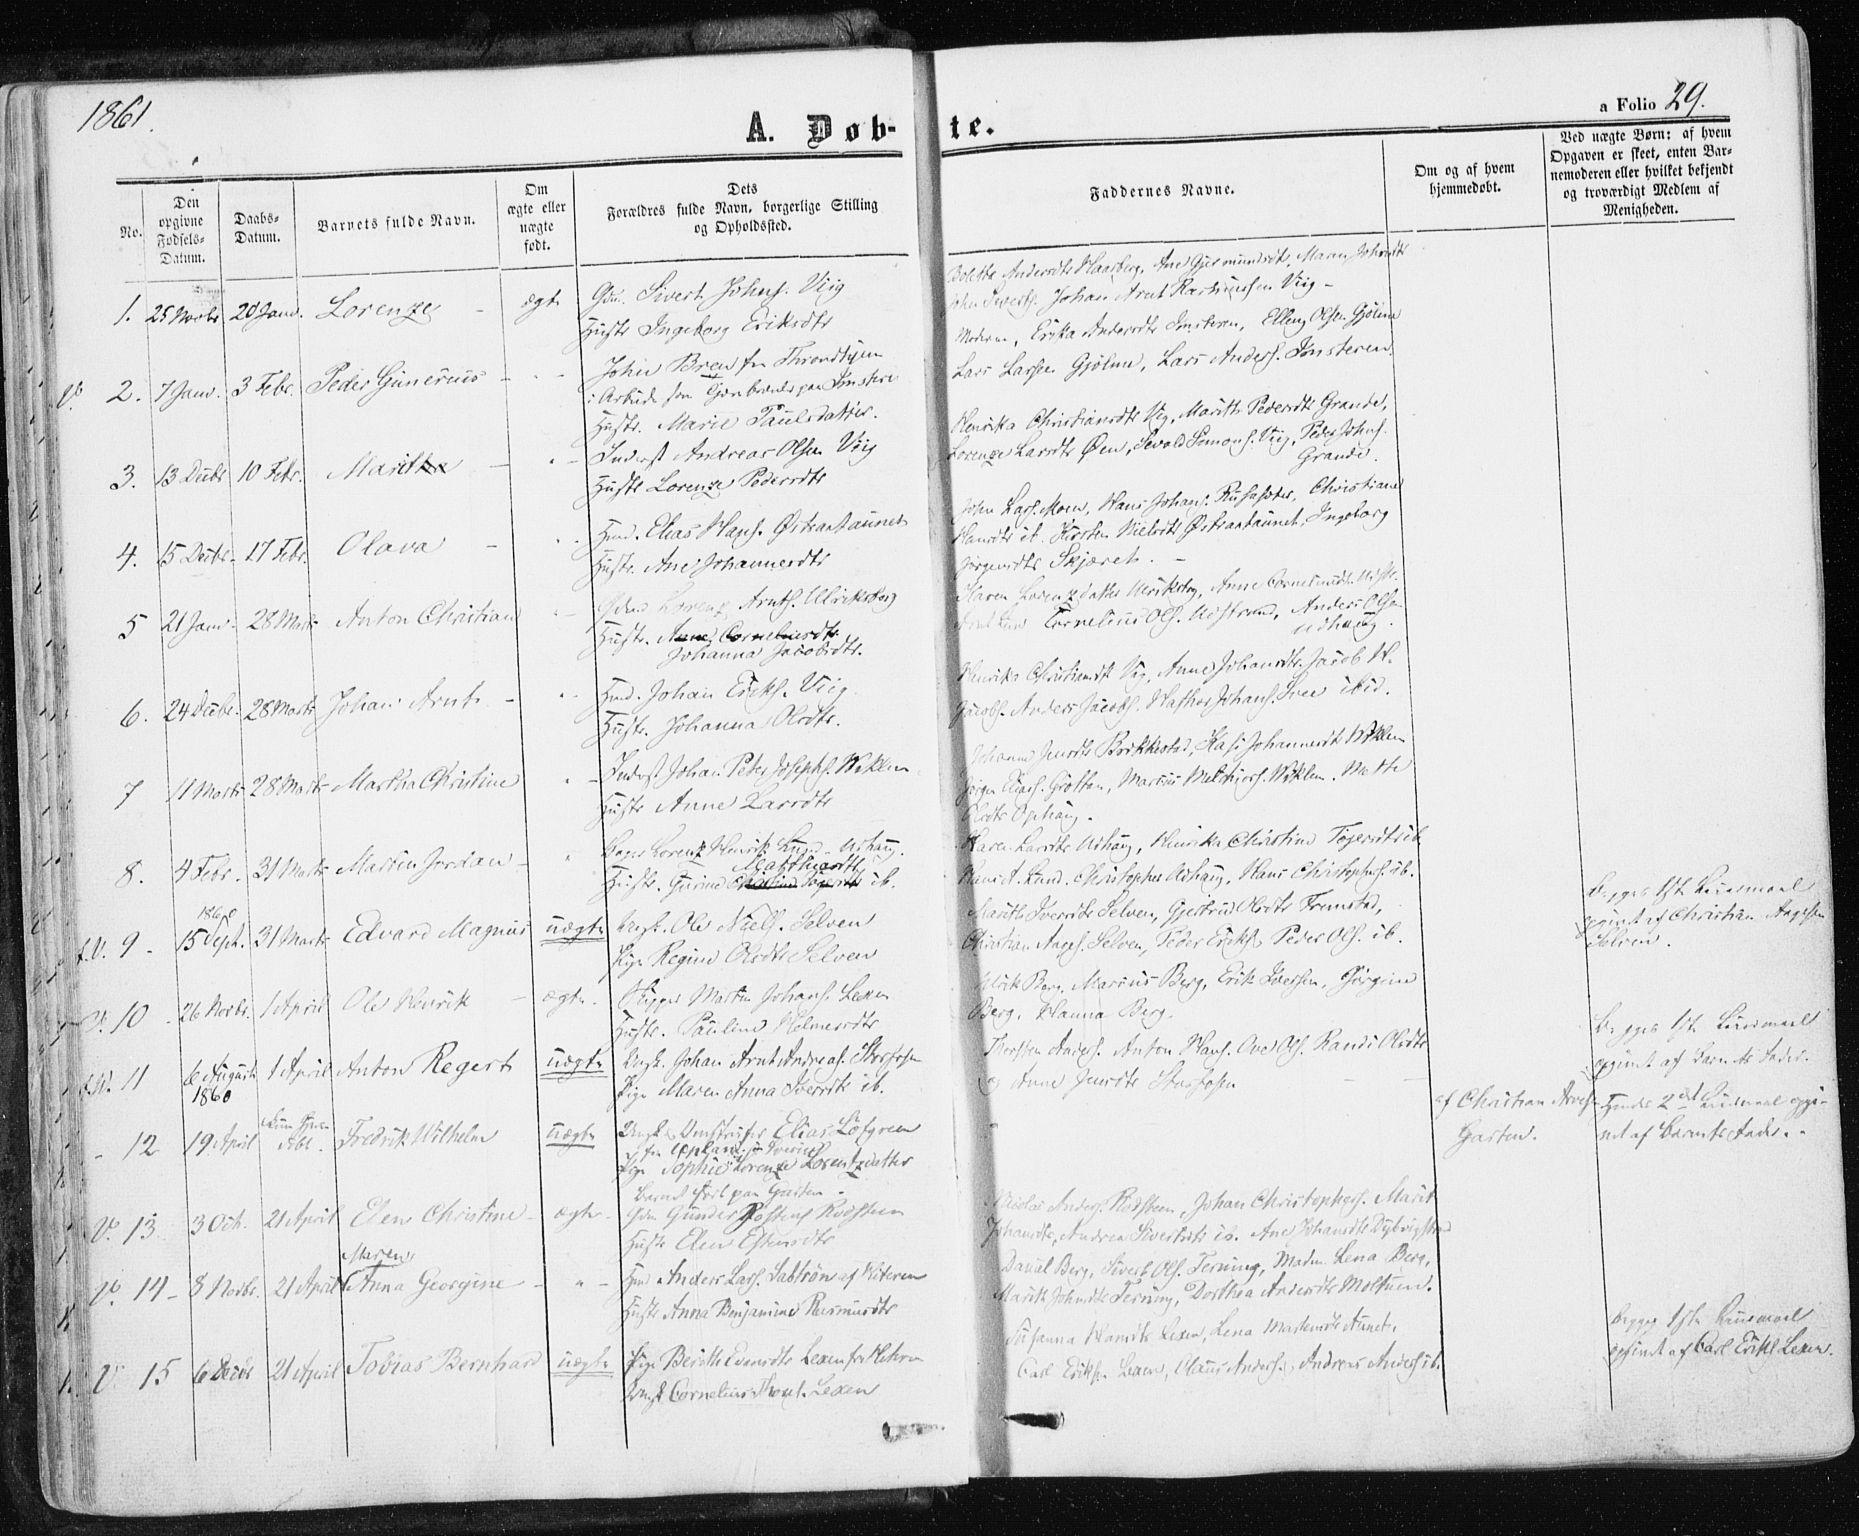 SAT, Ministerialprotokoller, klokkerbøker og fødselsregistre - Sør-Trøndelag, 659/L0737: Ministerialbok nr. 659A07, 1857-1875, s. 29